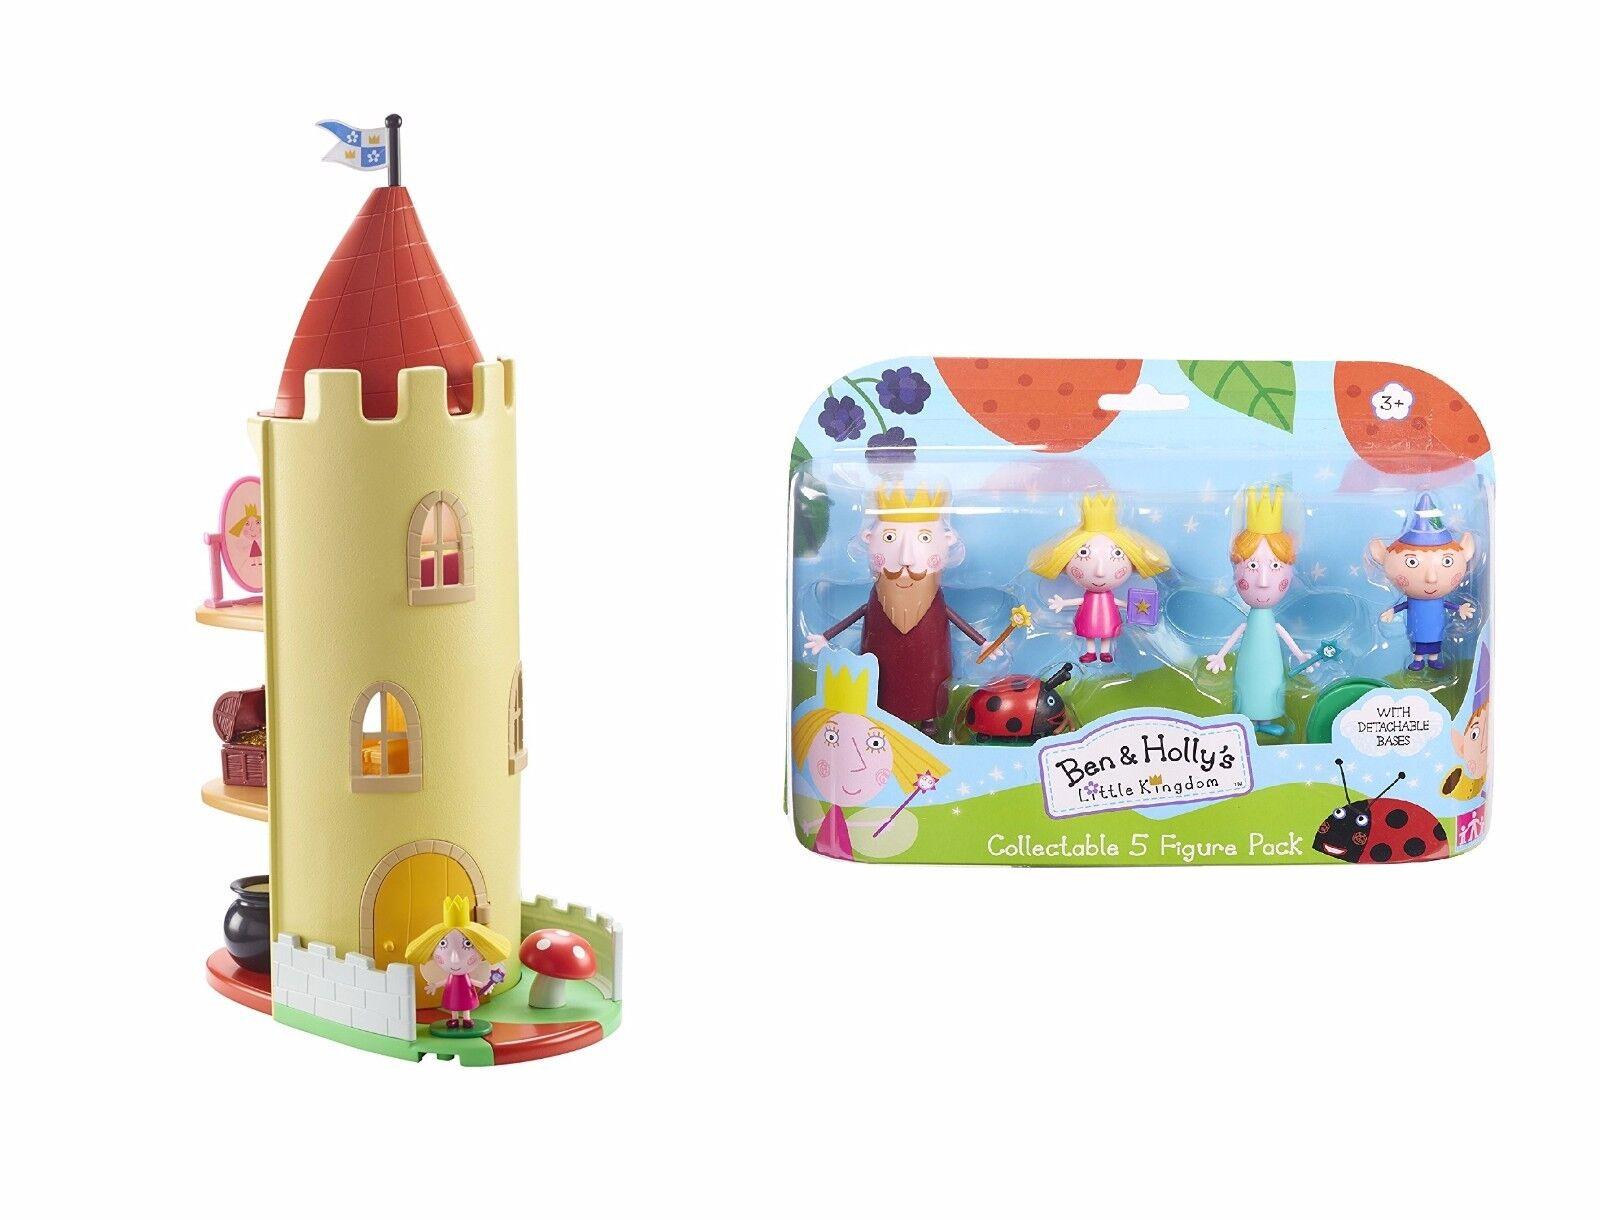 Ben und Holly's Little Kingdom Distel Schloss Tower & Figures Toy Spielset